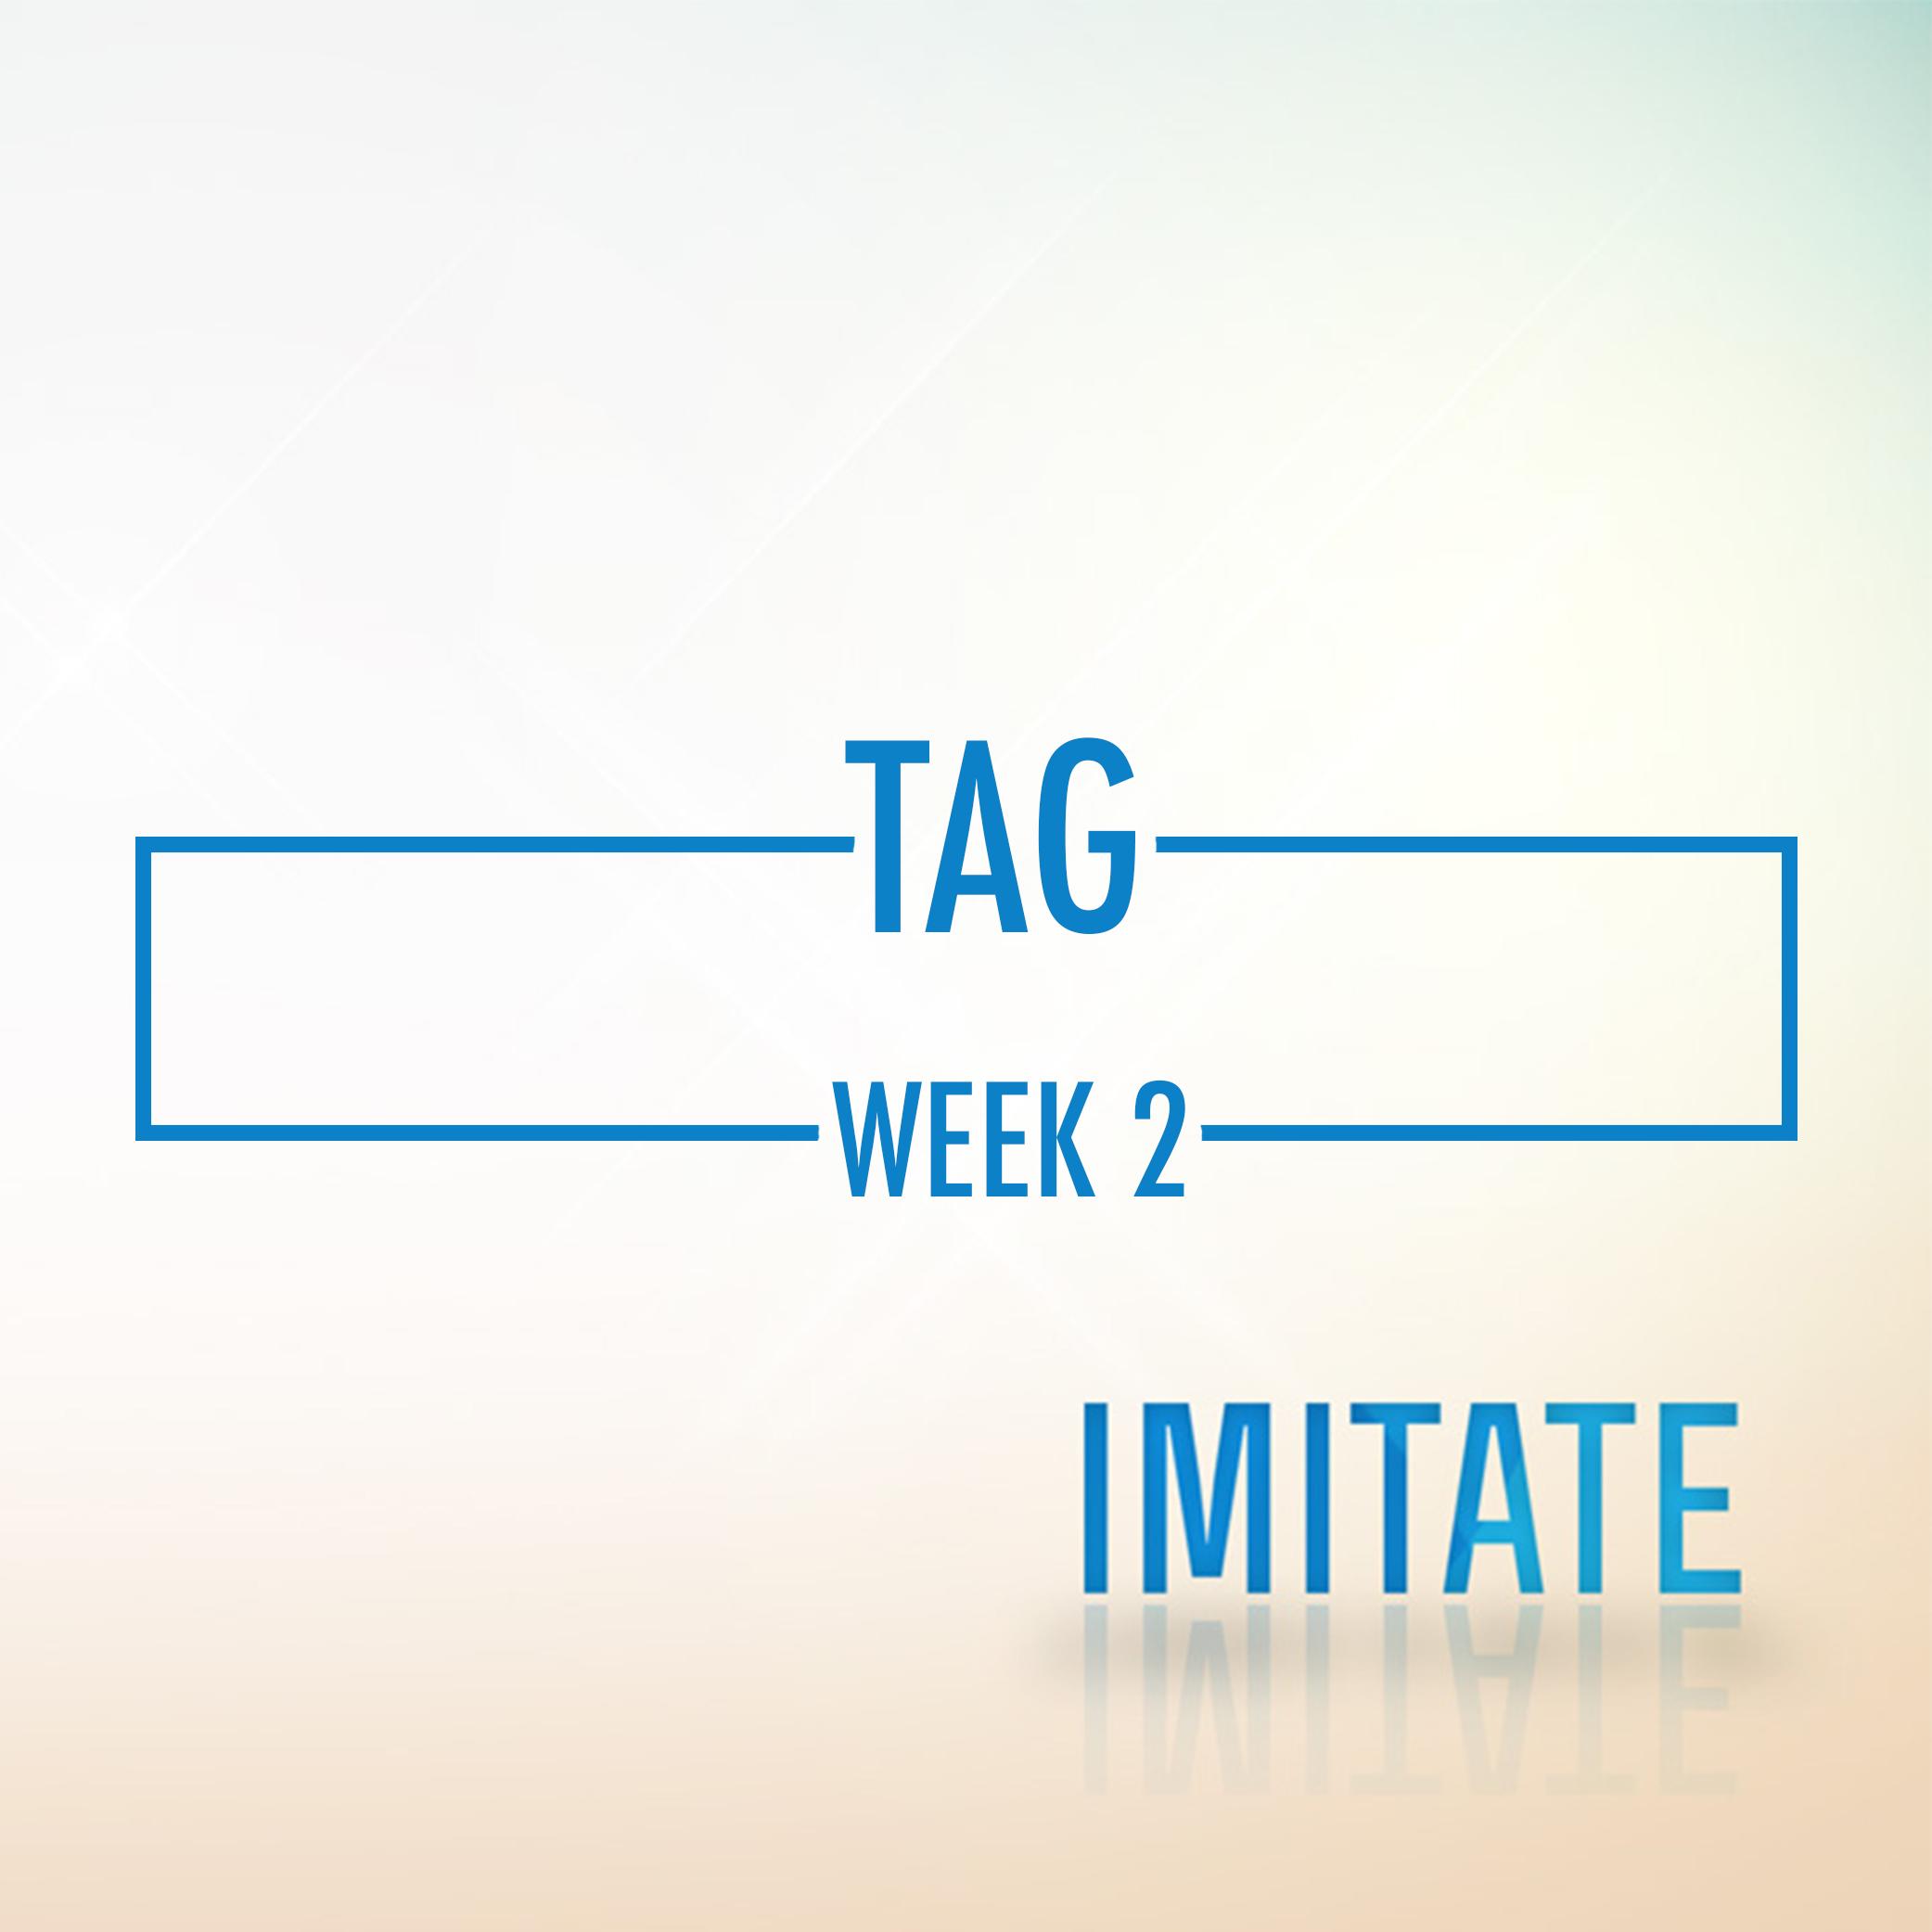 ImitateWeek2.jpg